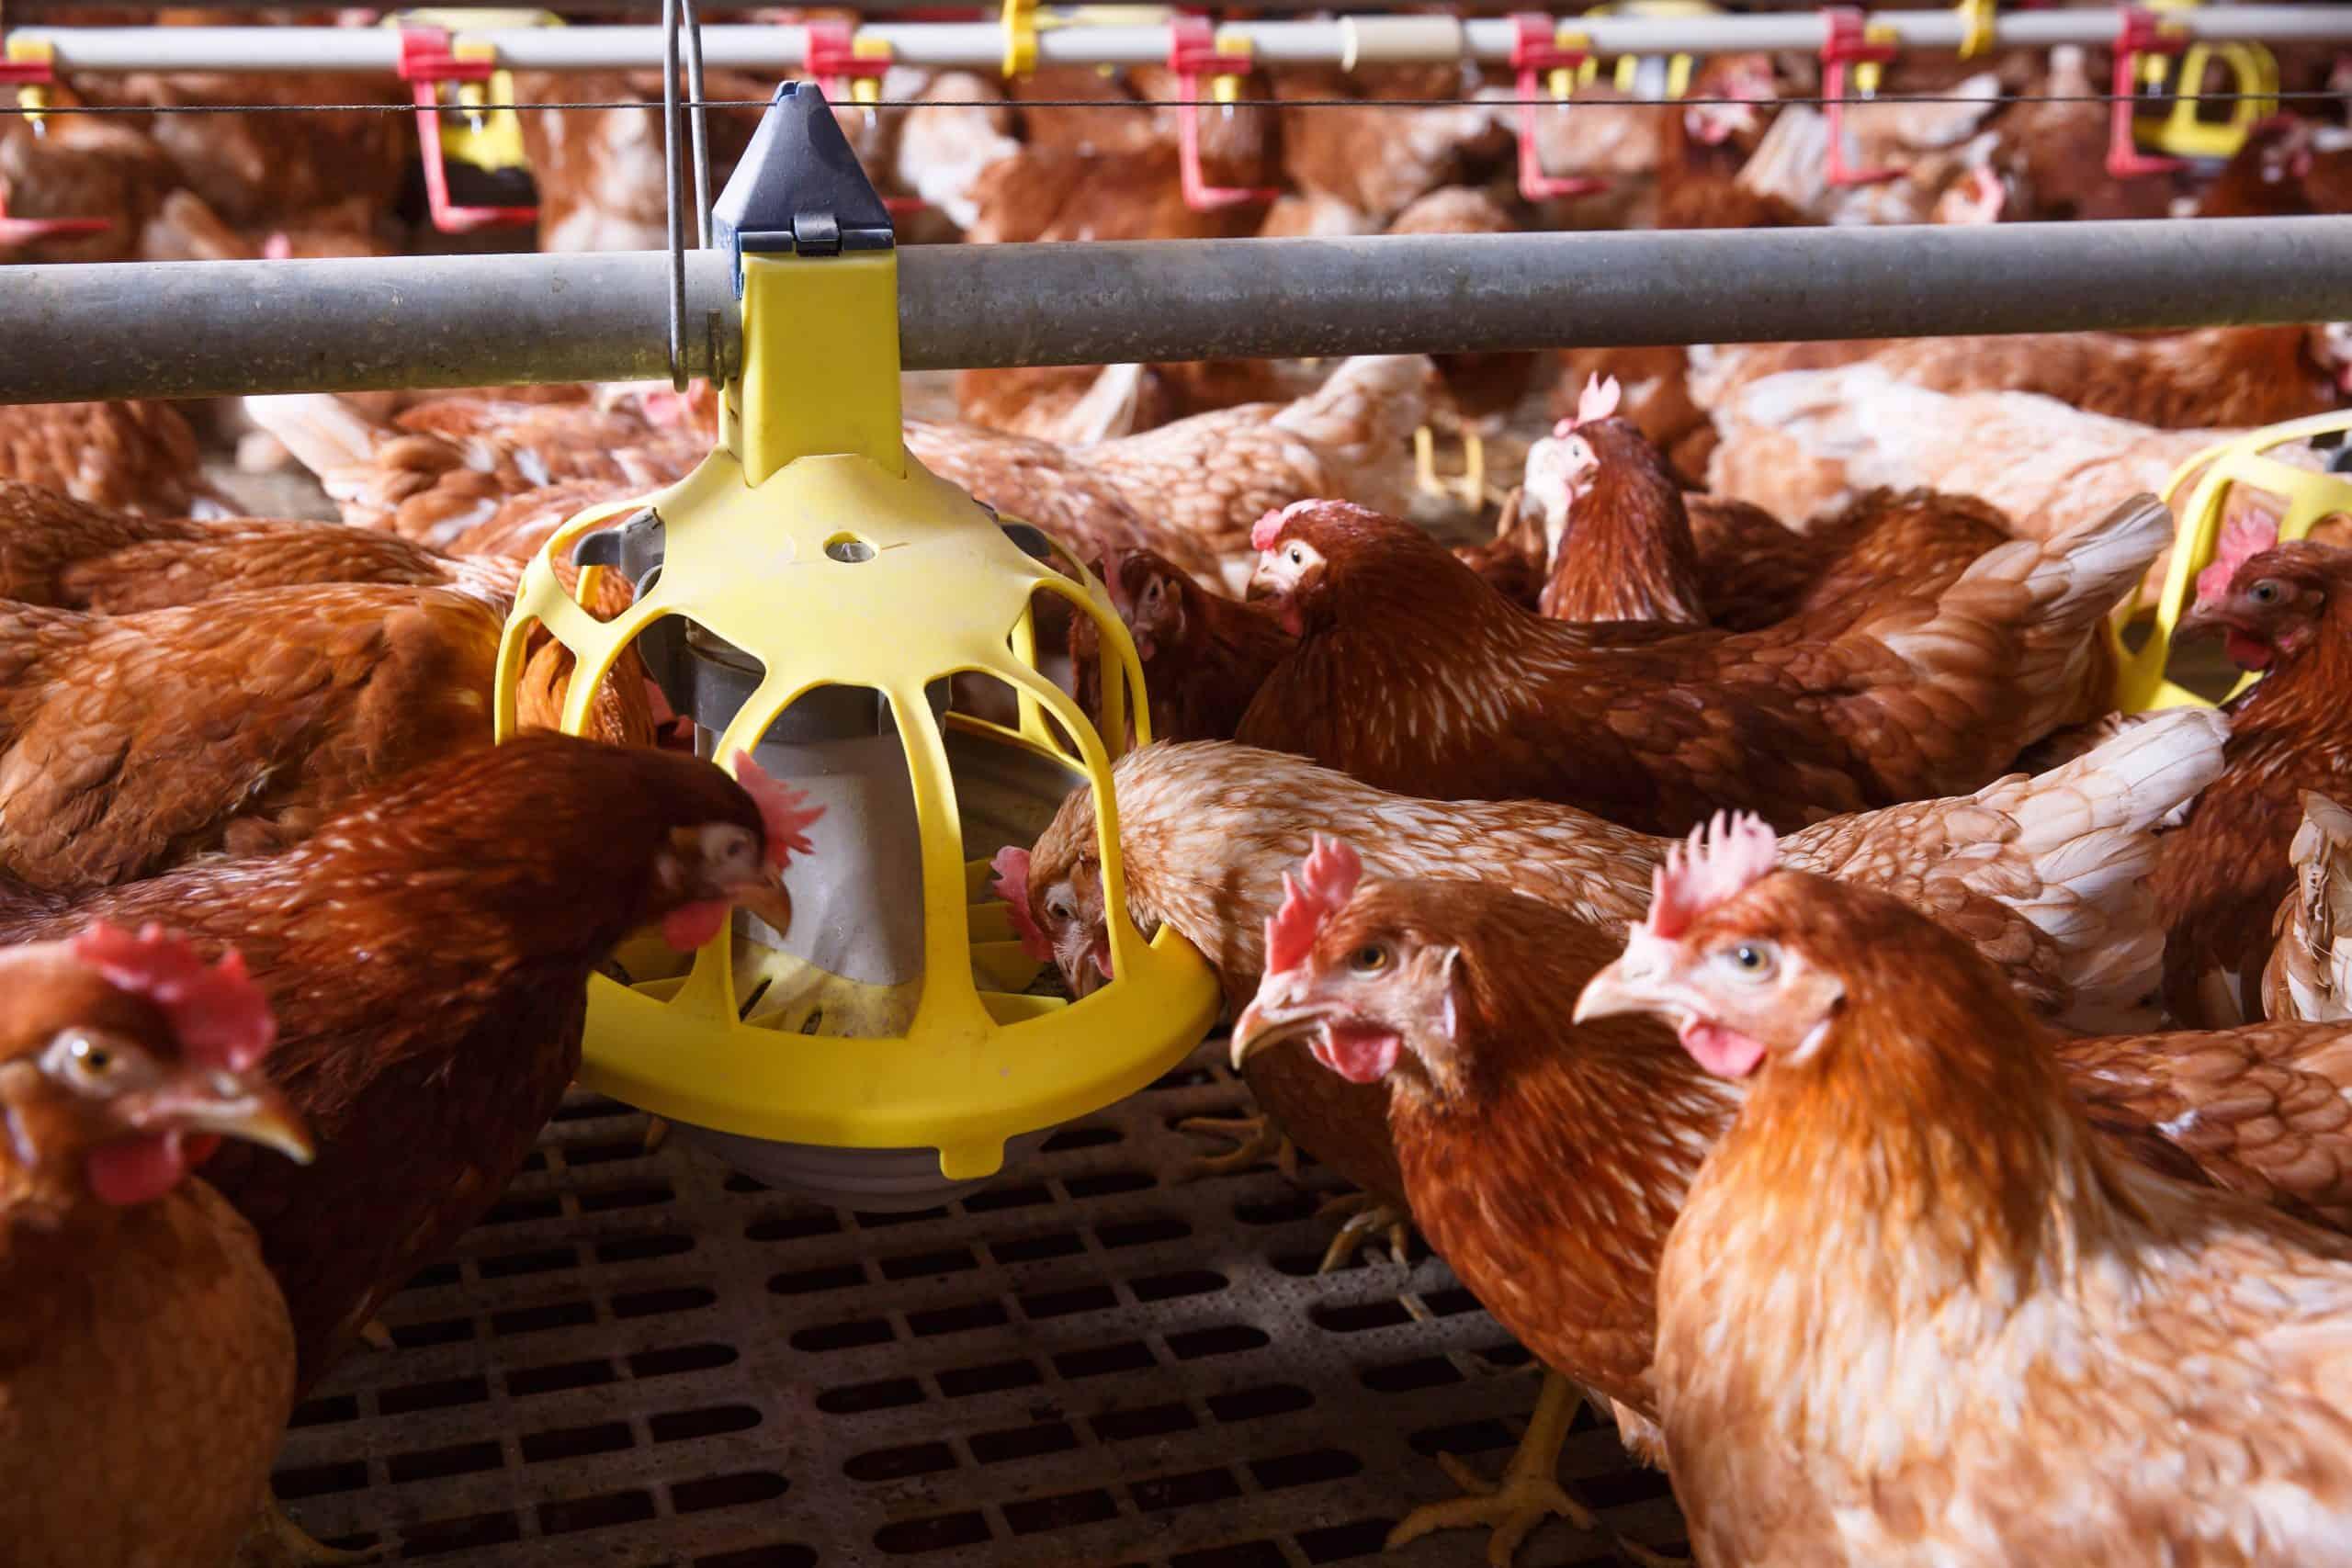 The Best Chicken Feeder for Backyard Chickens